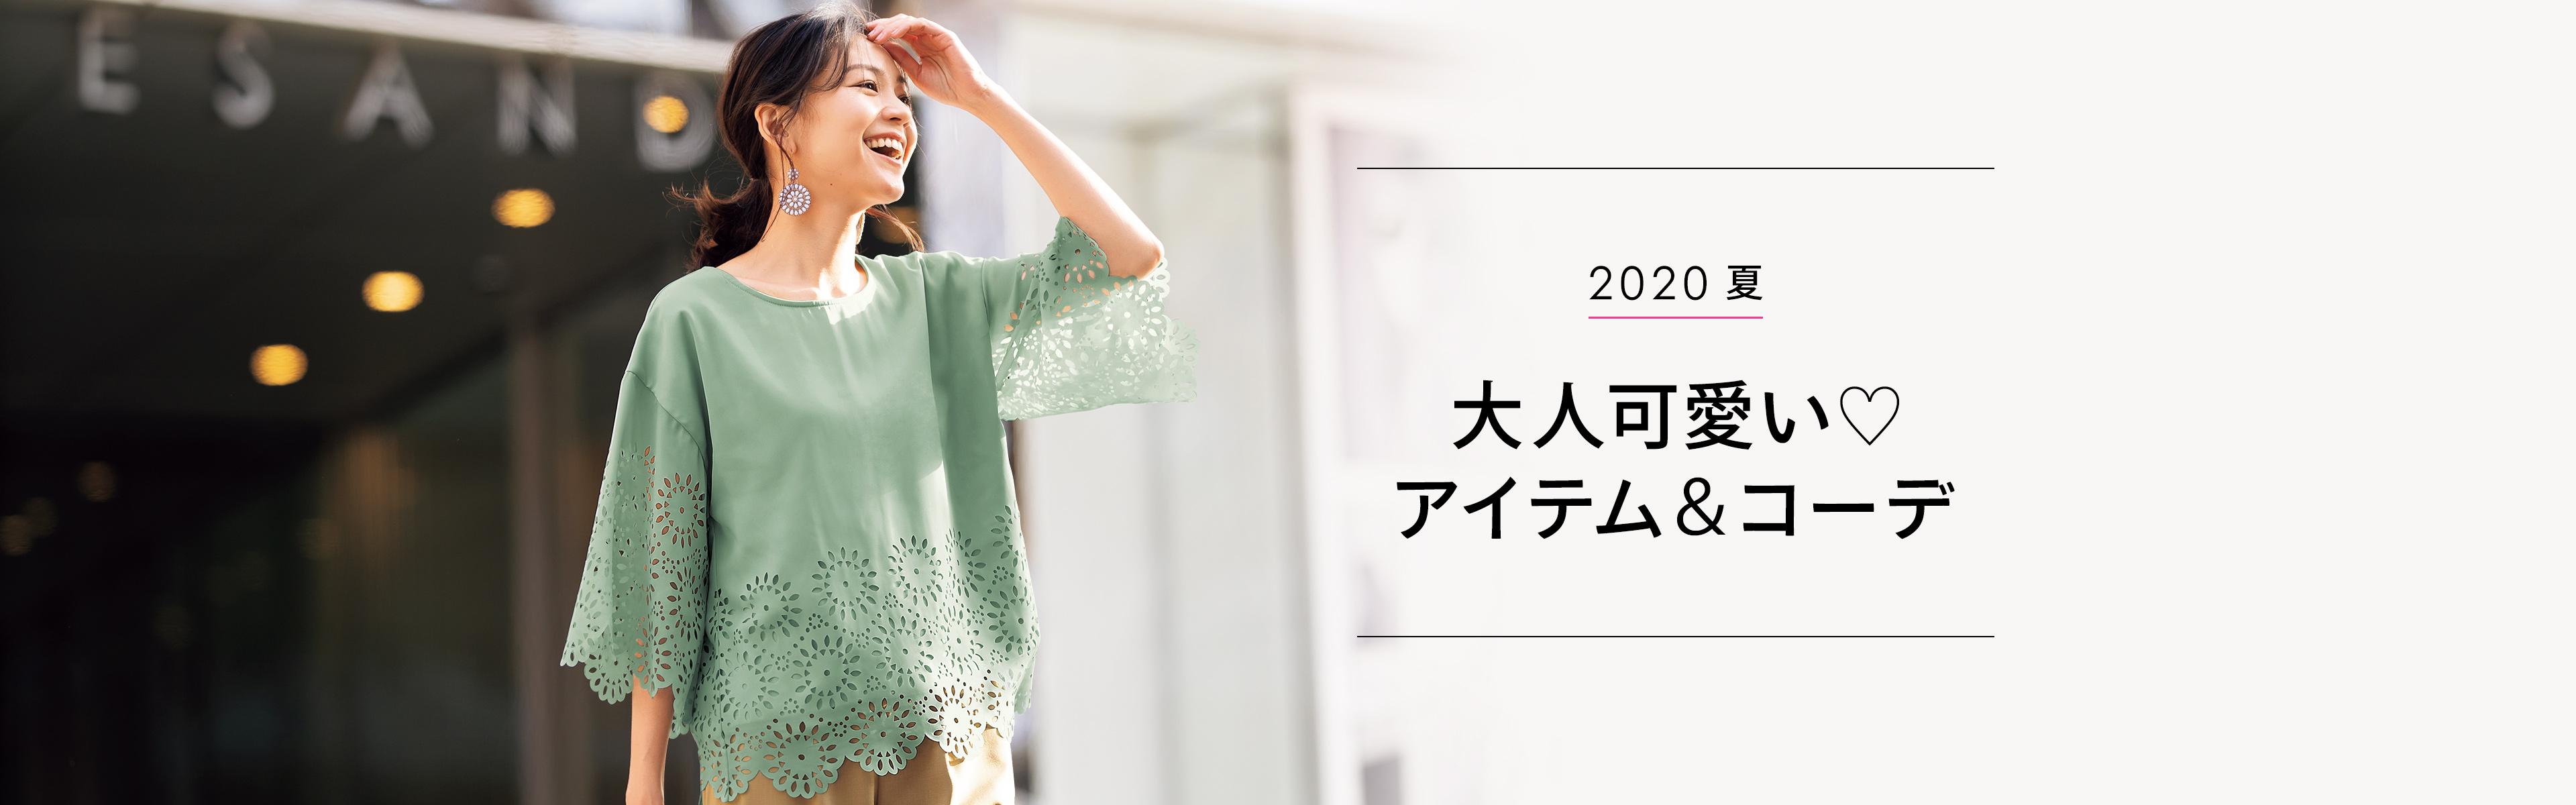 大人の「可愛い服・コーデ」2018秋冬 グレンチェックコート、フェイクスエードブルゾン、ハイウエストスカートなどフェミニンで女性らしいデザイン♪